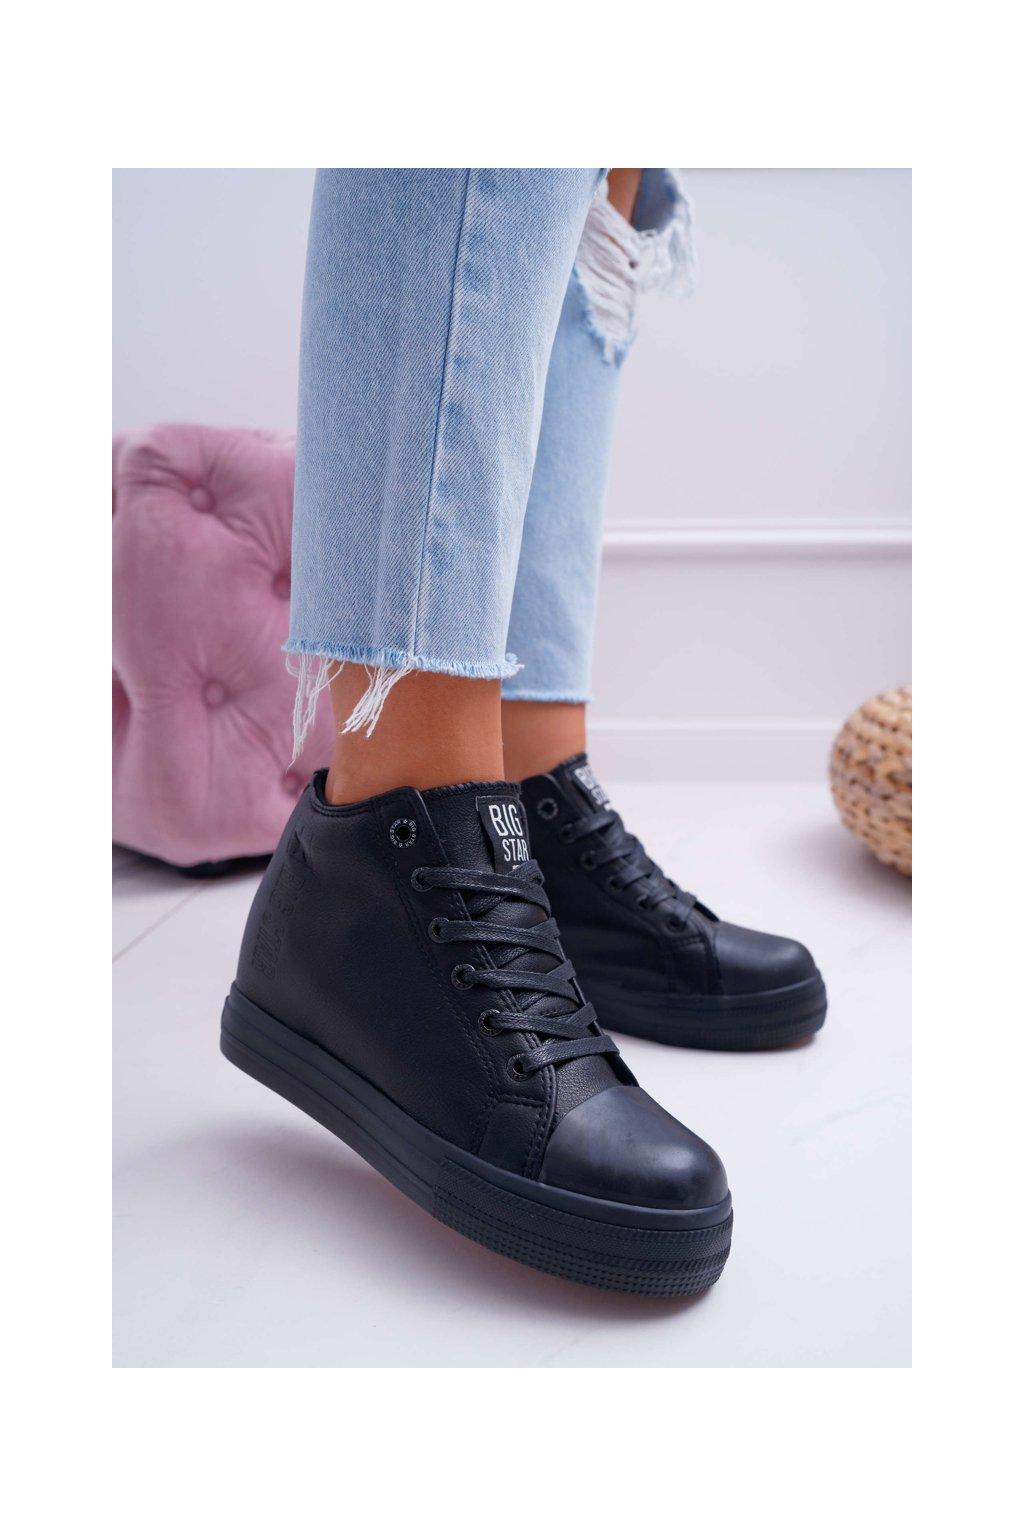 Dámska Obuv Sneakers B. Star čierne EE274128